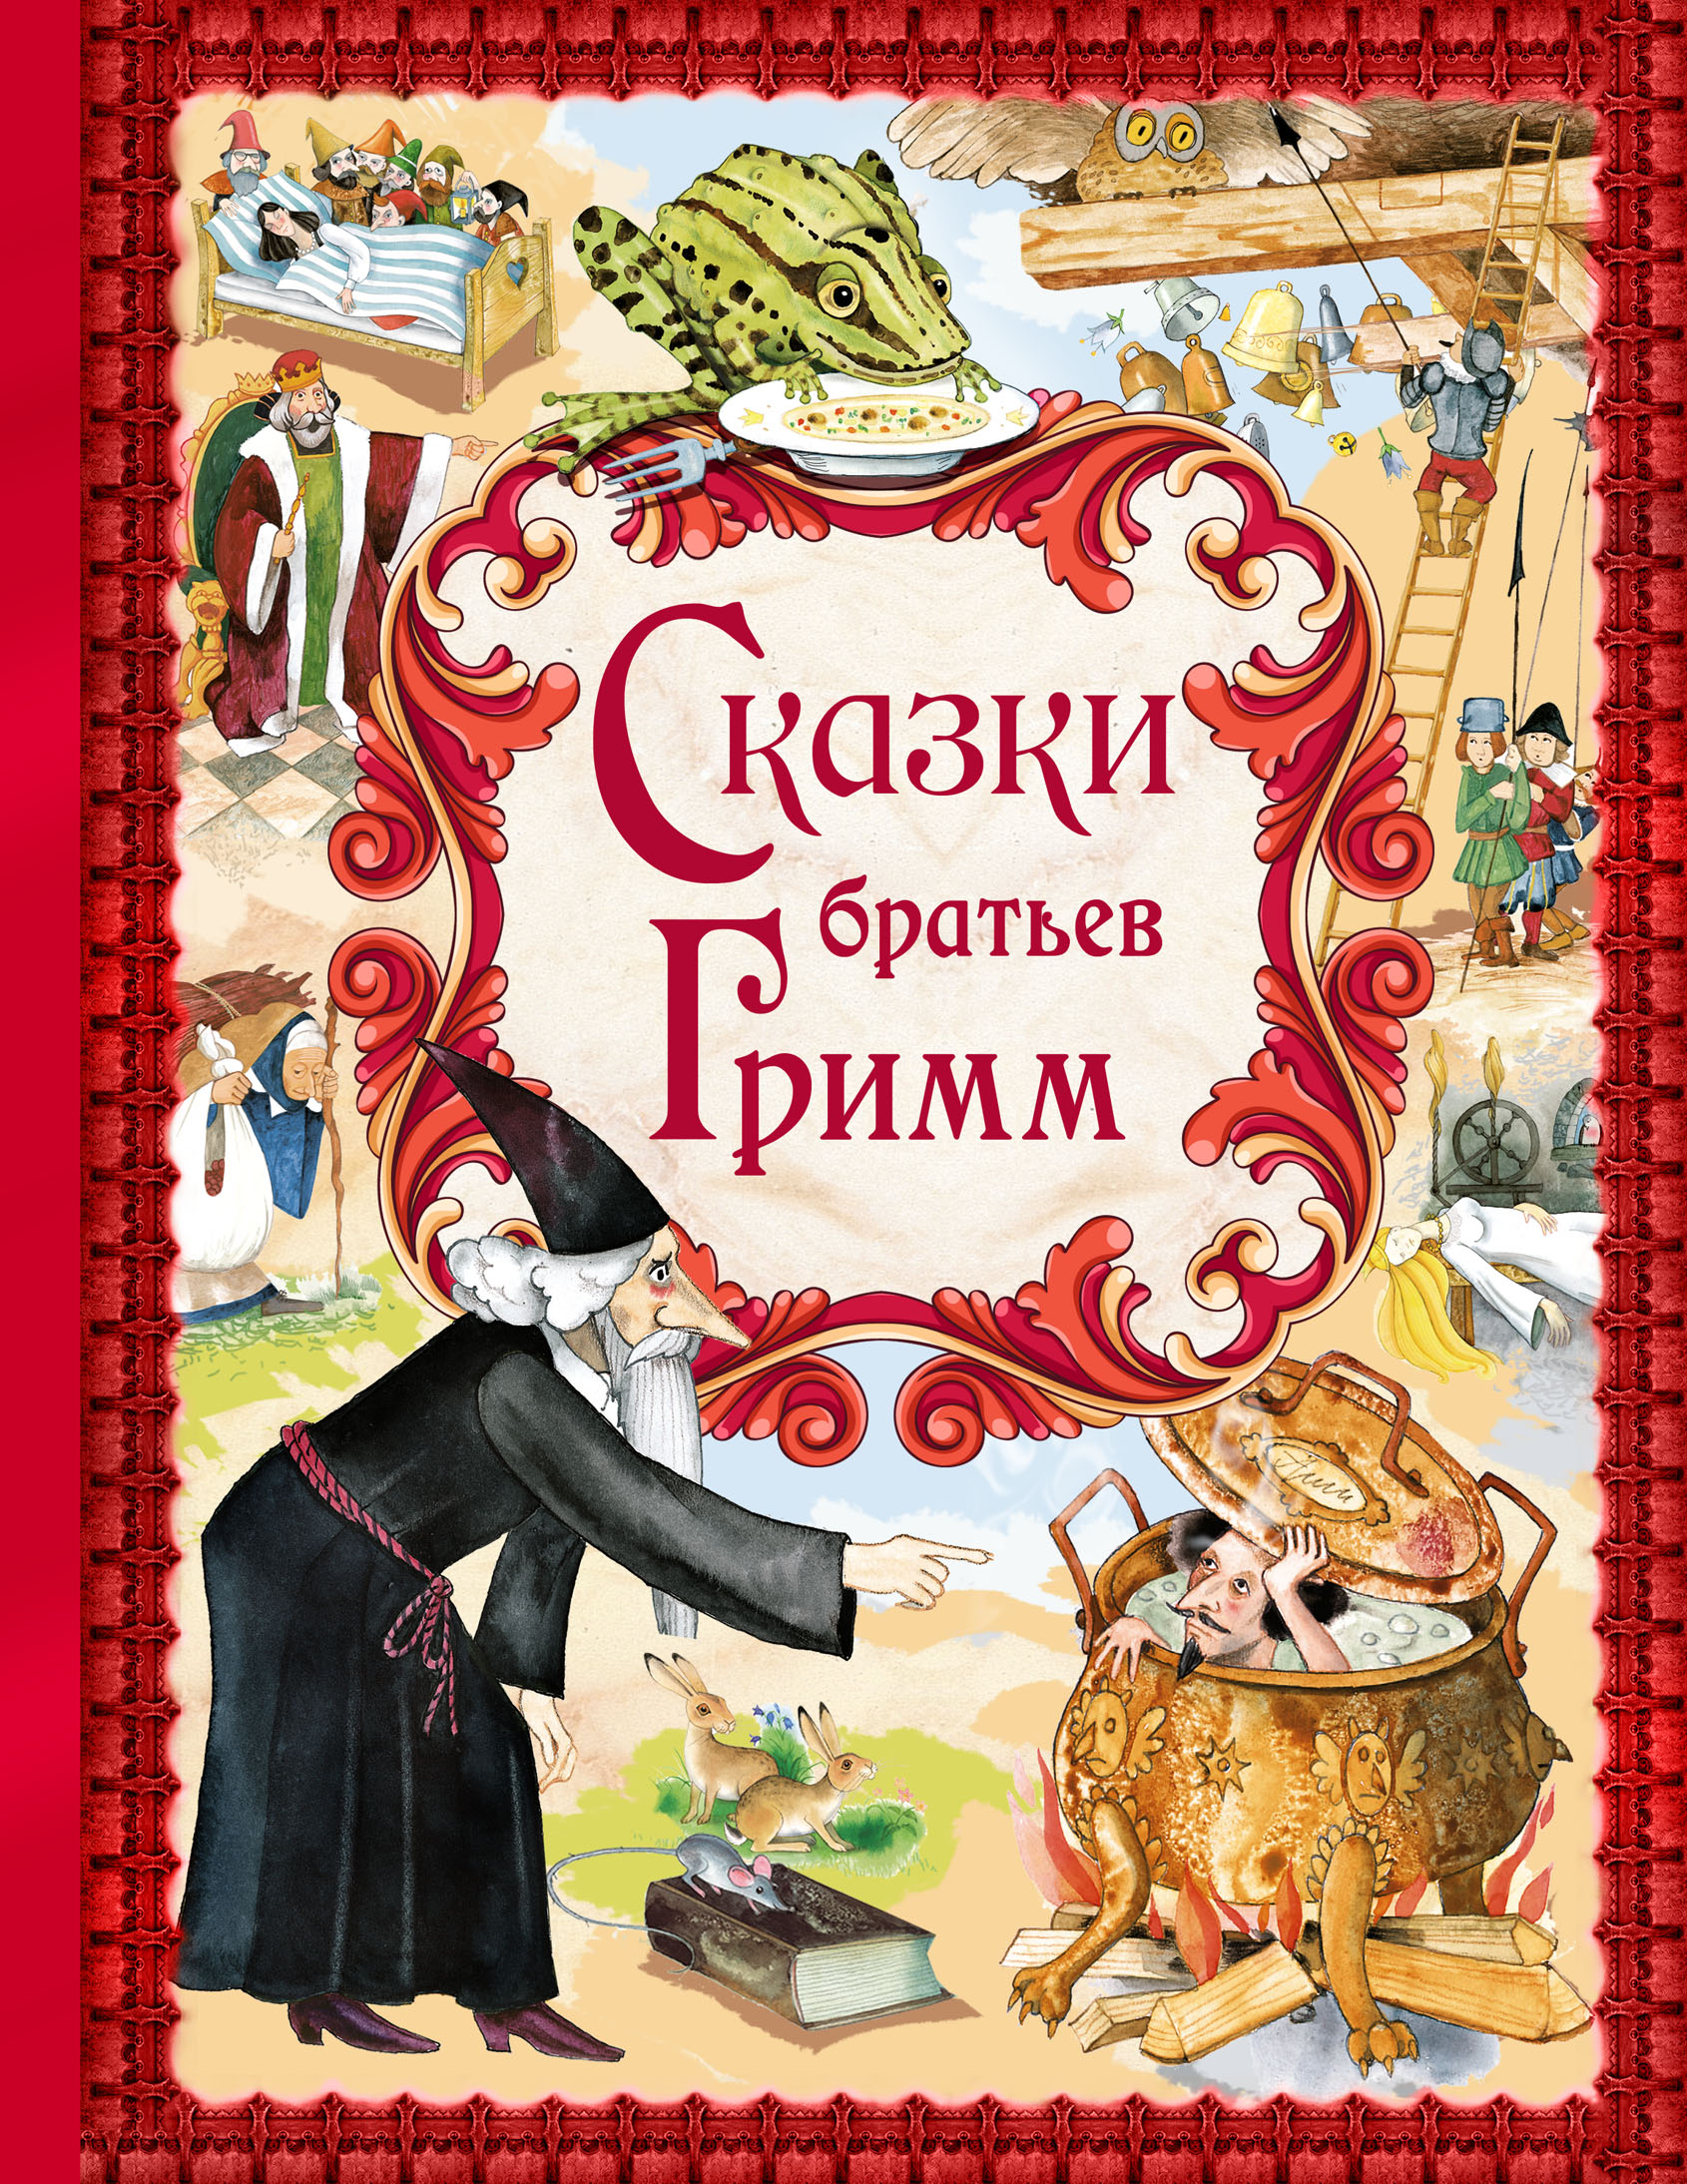 Скачать бесплатно книги сказки братьев гримм